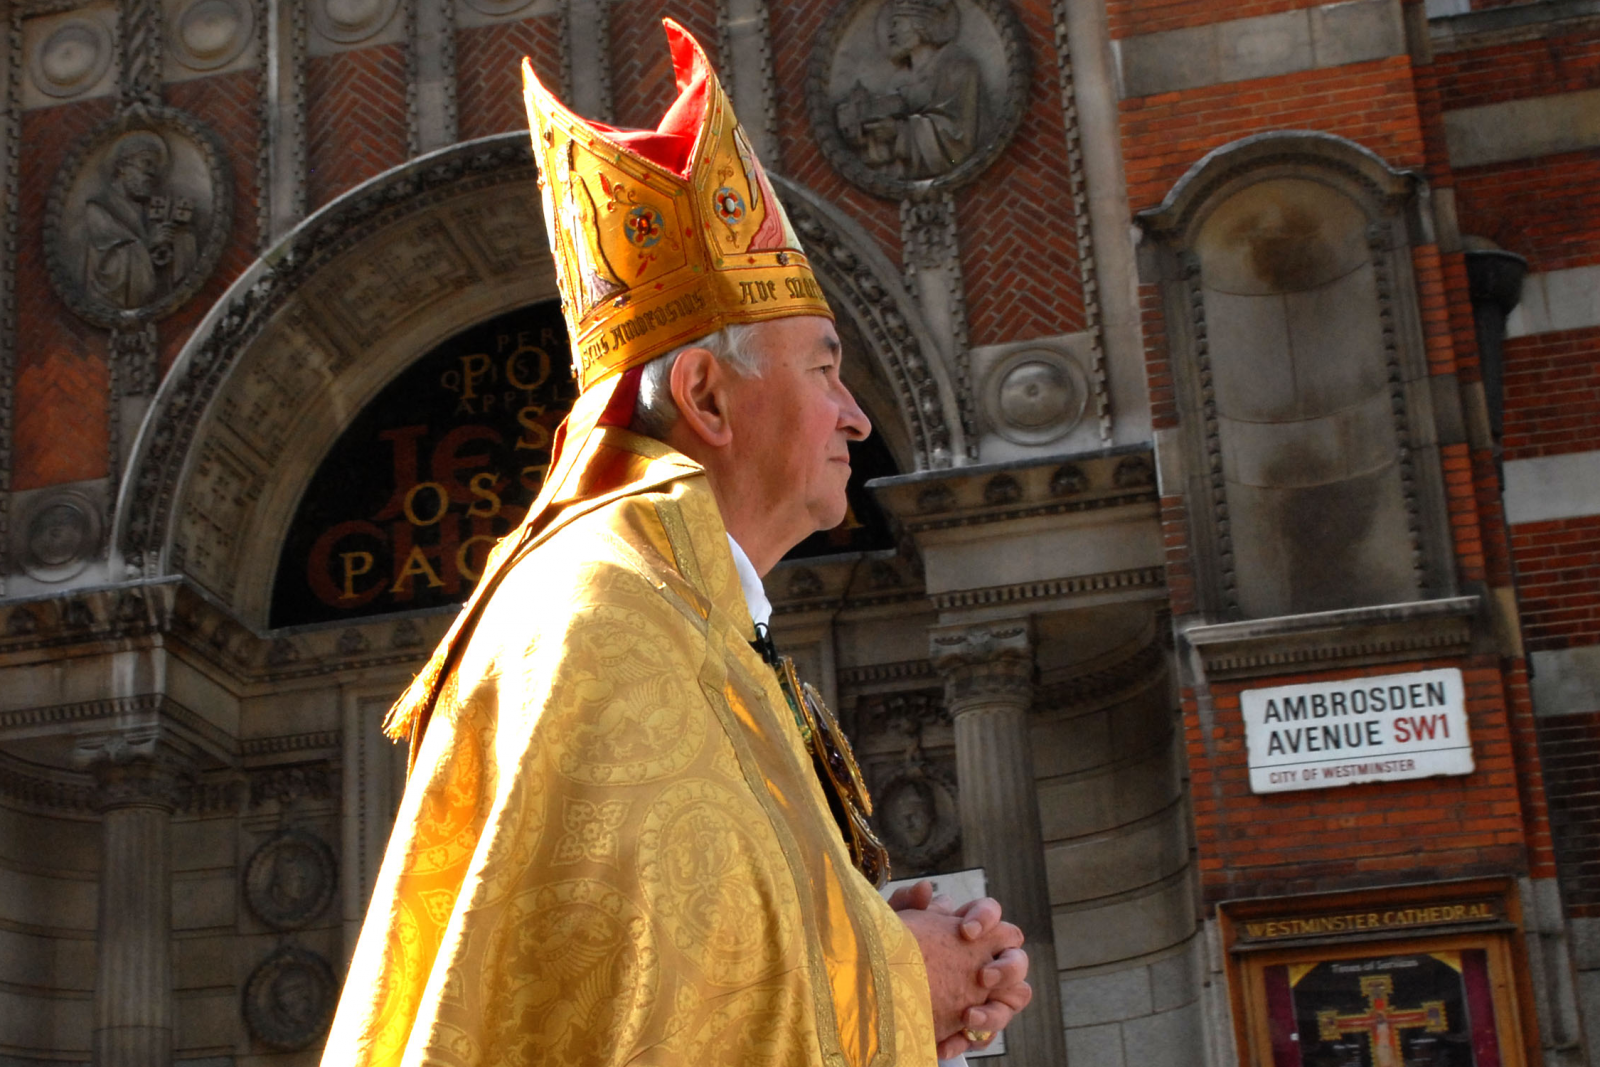 Cardinal's Biography